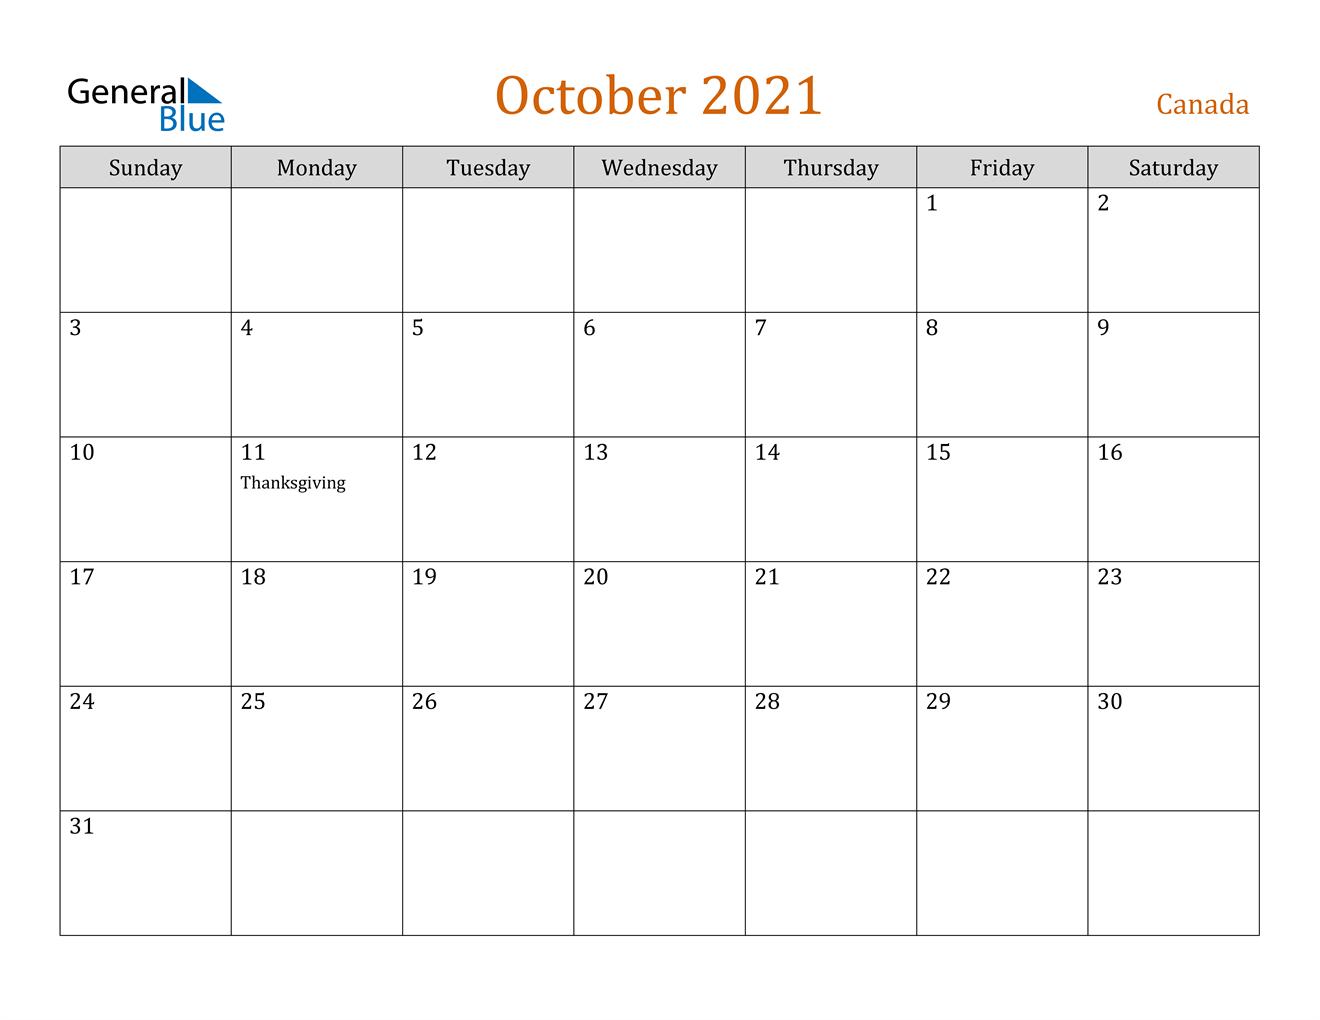 October 2021 Calendar - Canada